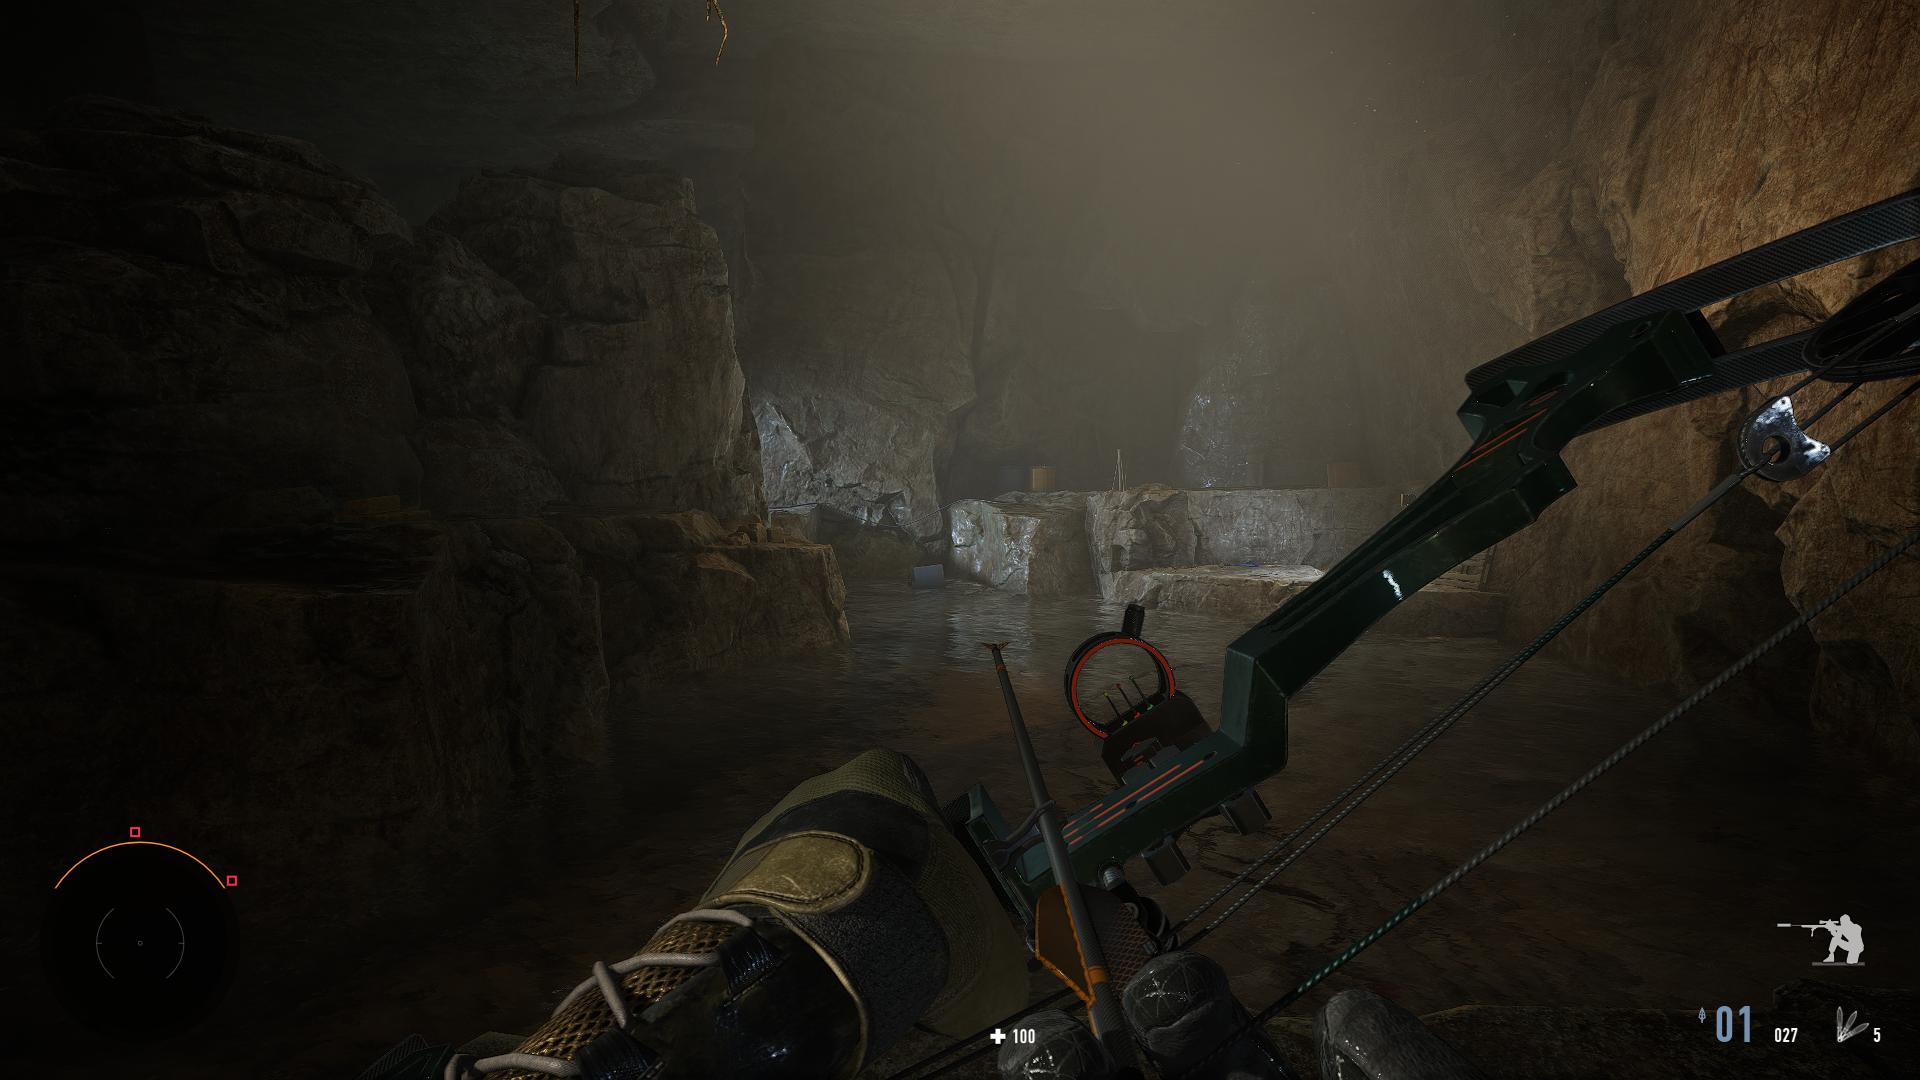 Ocitli sme sa aj v jaskyni s moderným lukom v ruke.